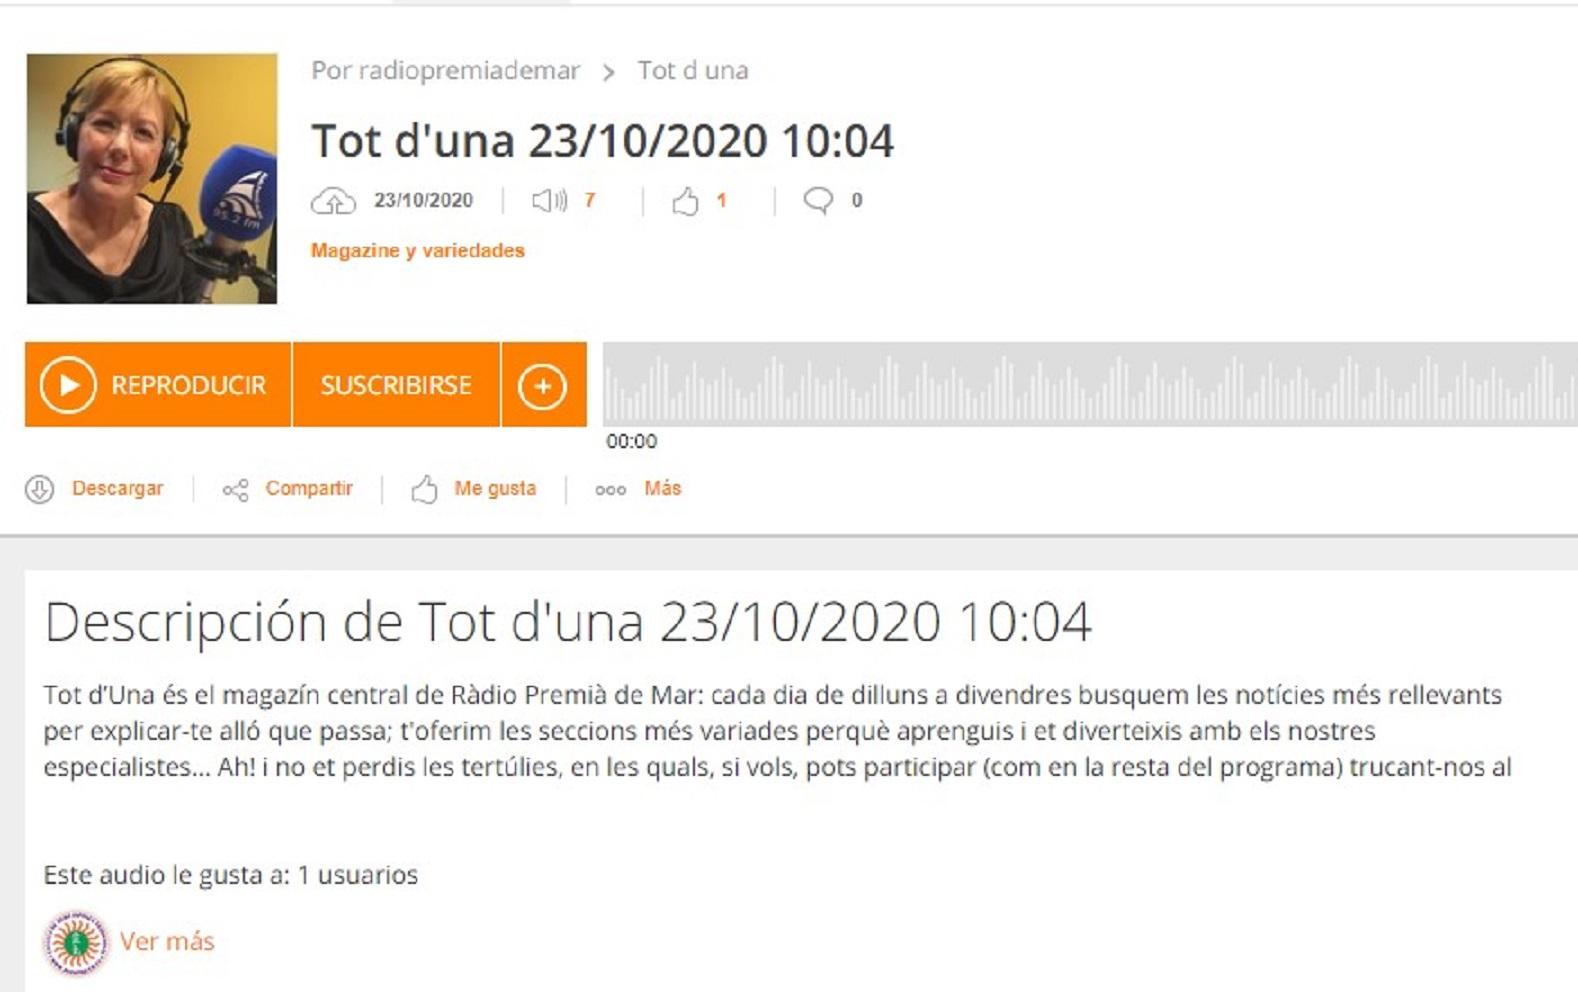 """Taller de Tantra y Sexualidad Taoista en"""" ivoox"""" - 23/10/2020 gabinete de prensa"""